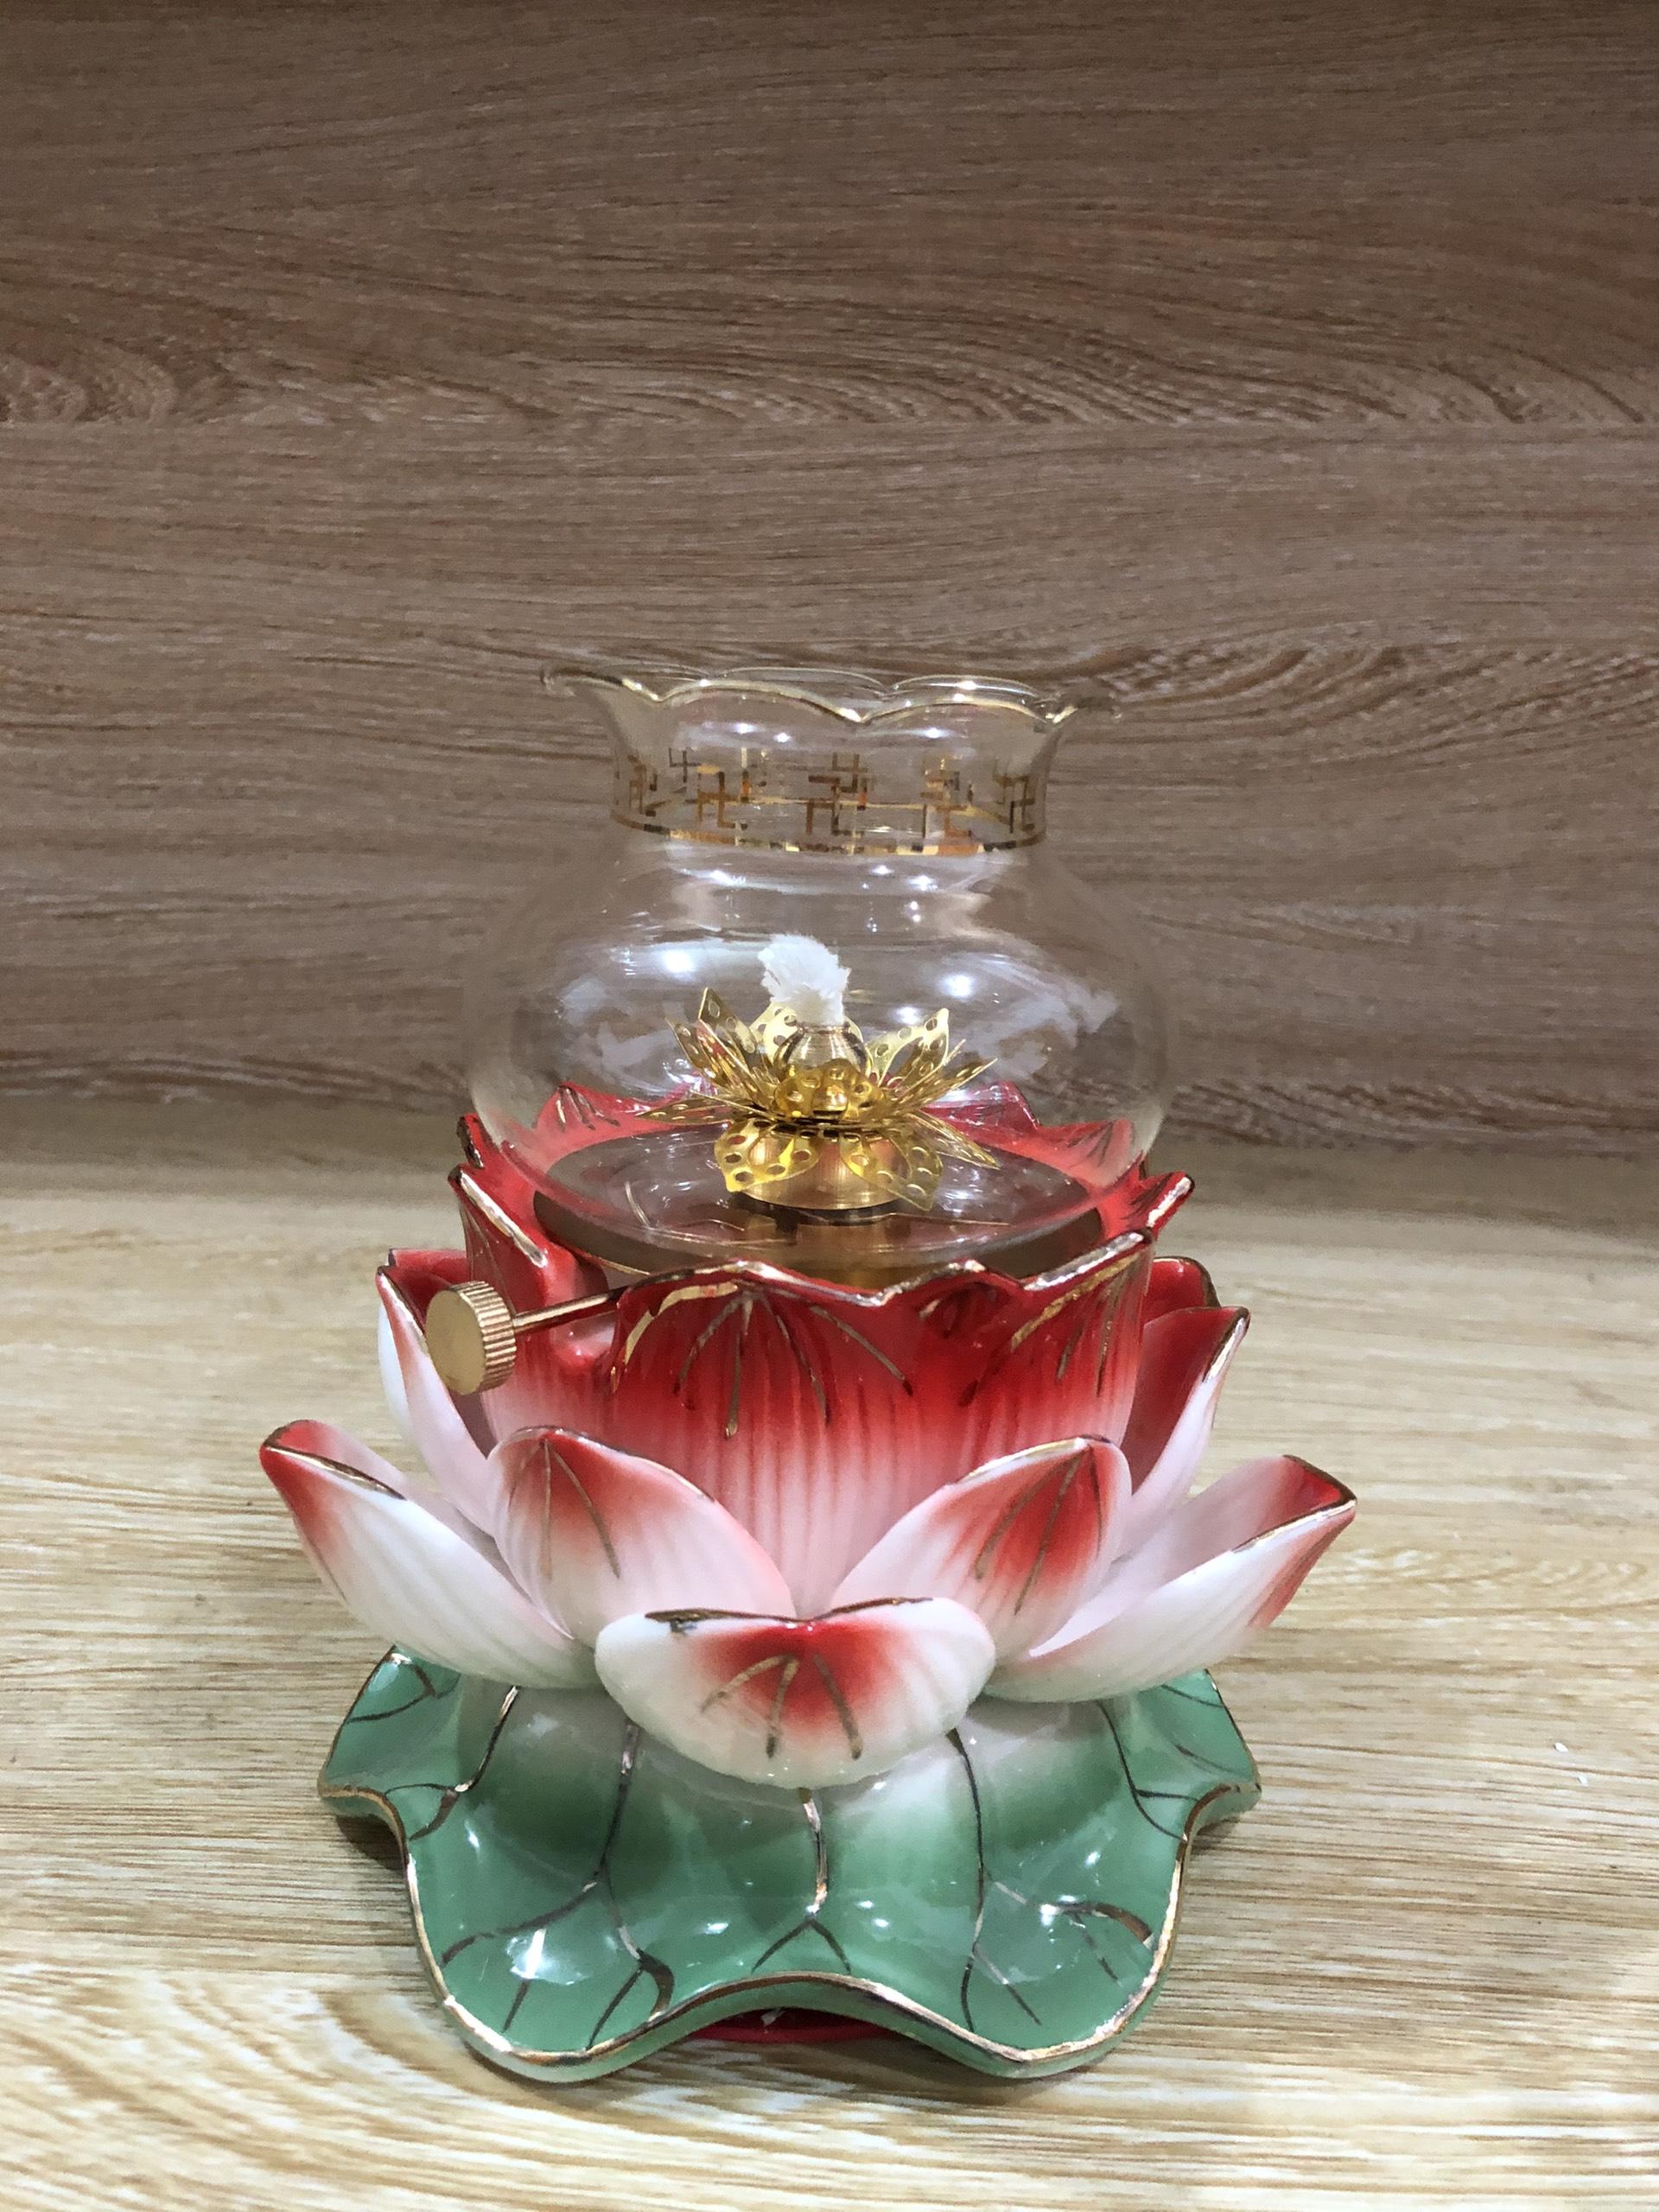 Đèn thờ đốt dầu mẫu hoa sen đế xanh - BH33